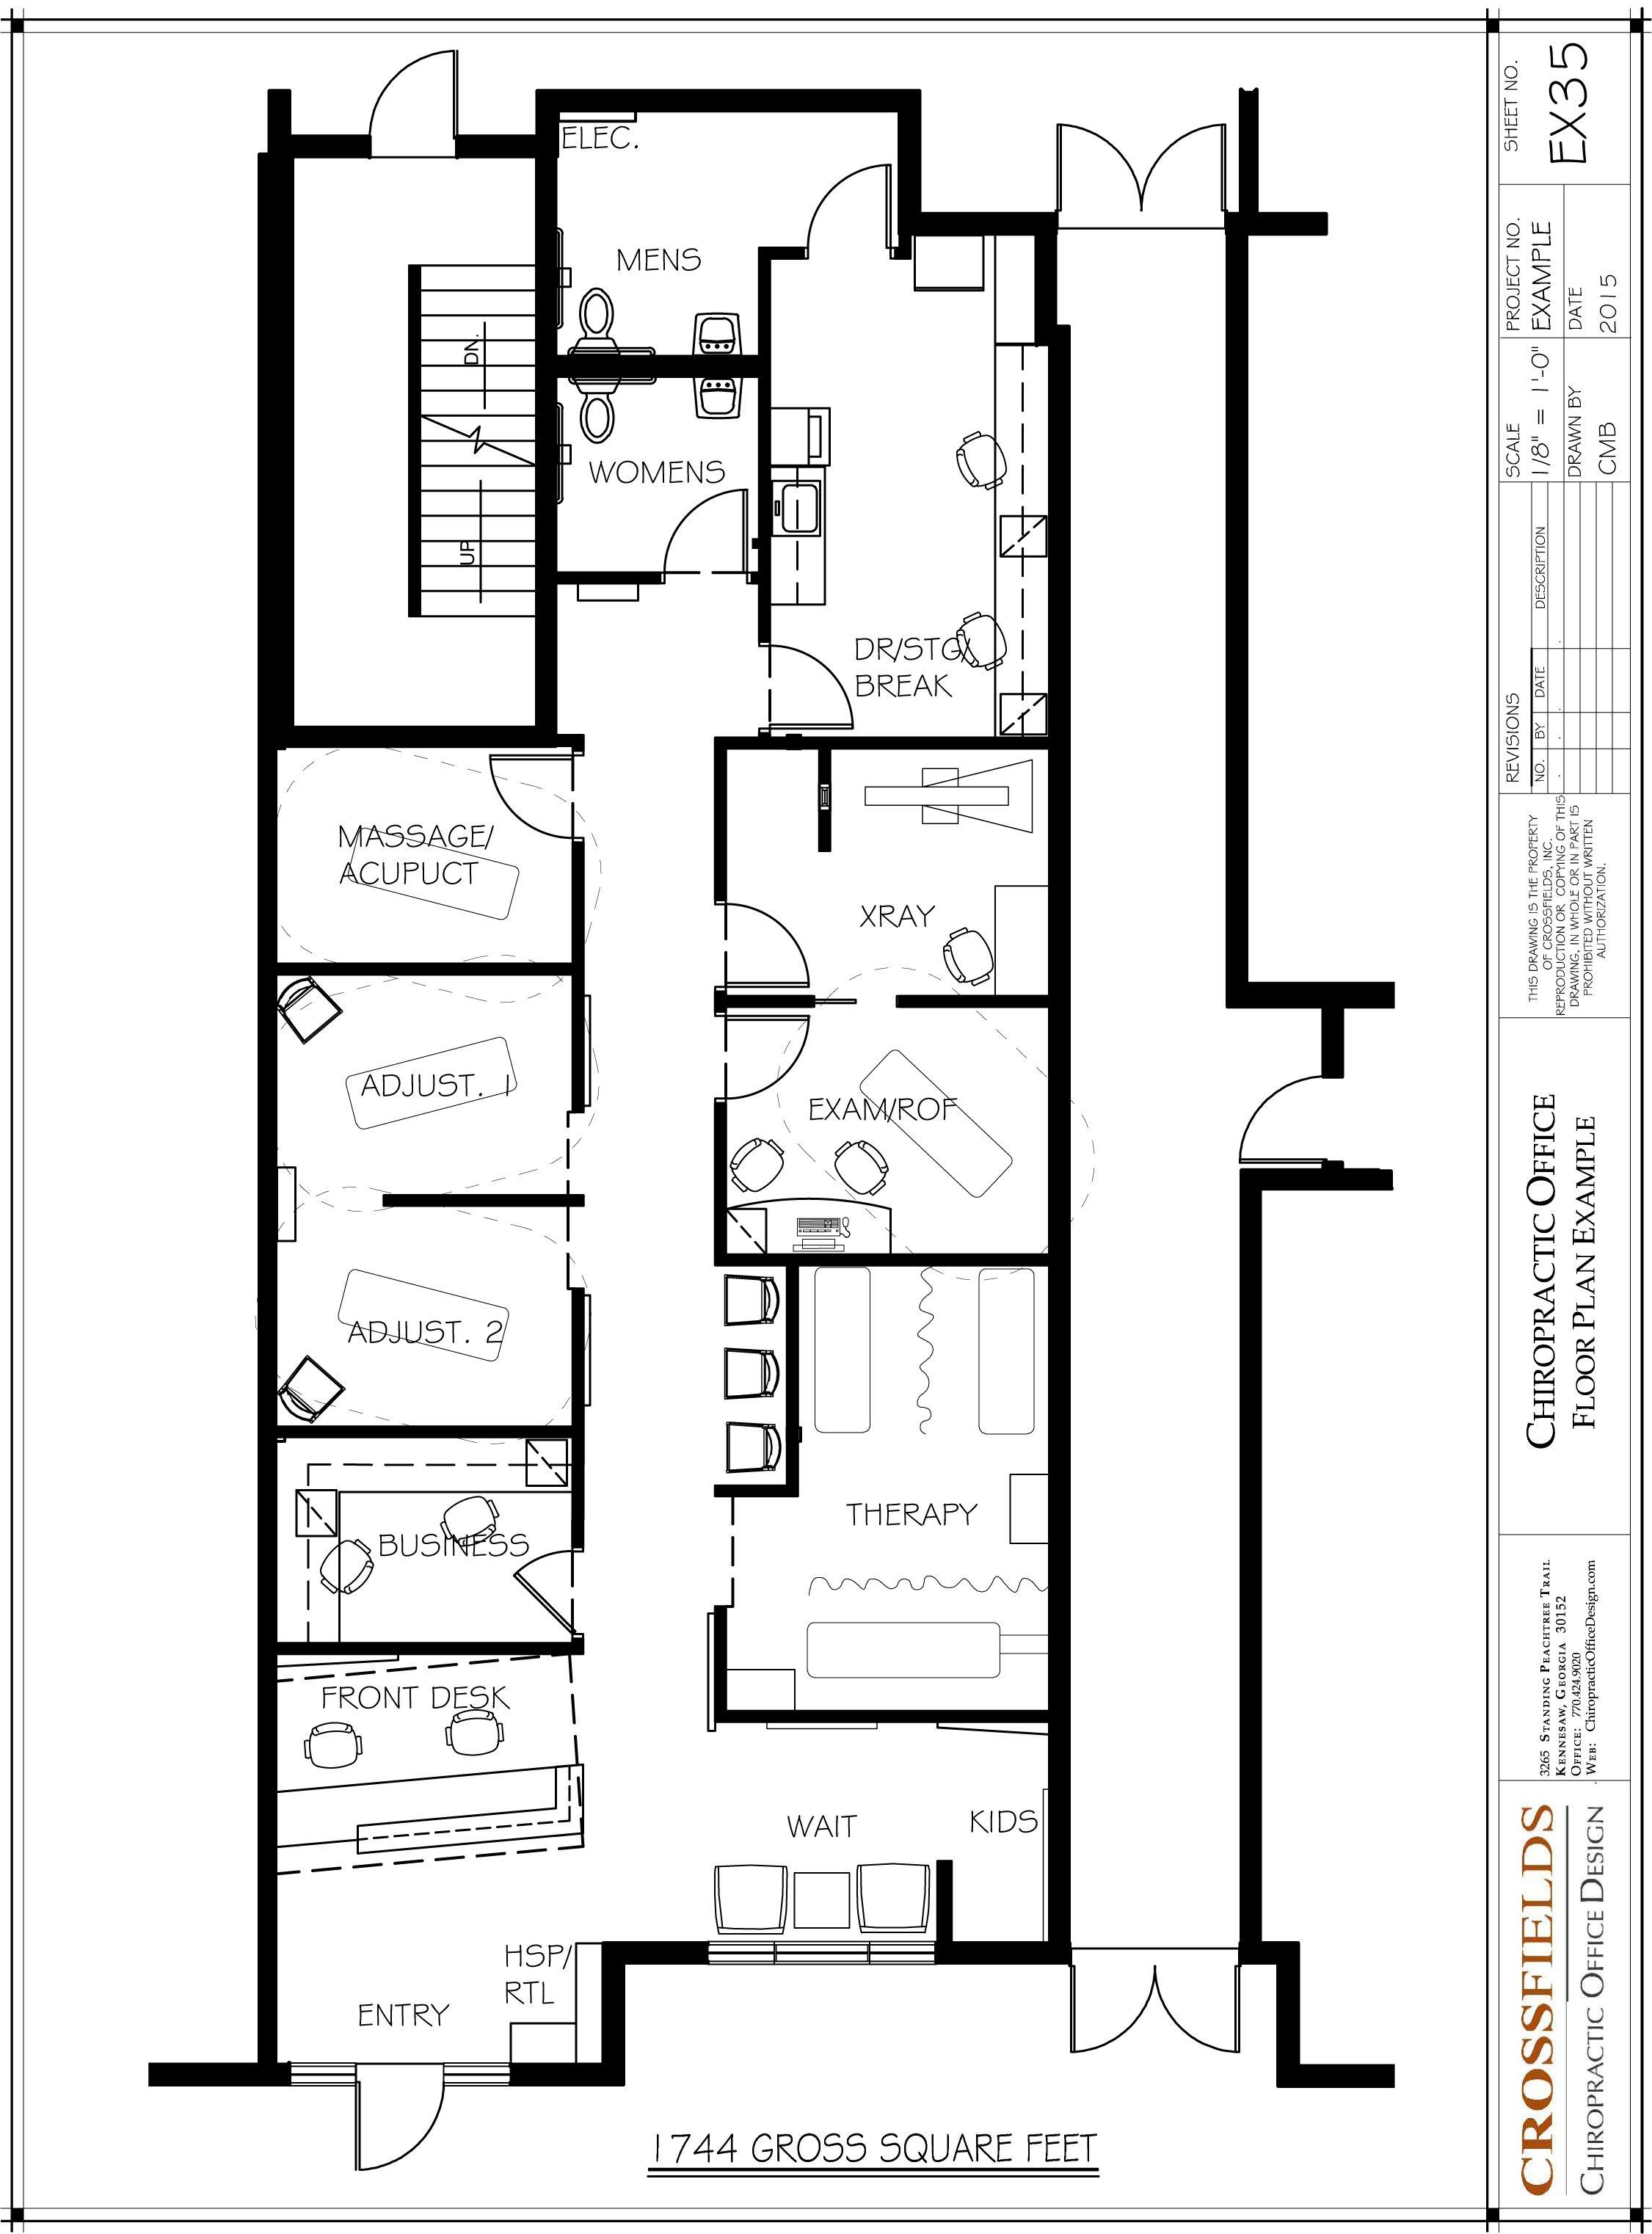 Chiropractic Office Floor Plans